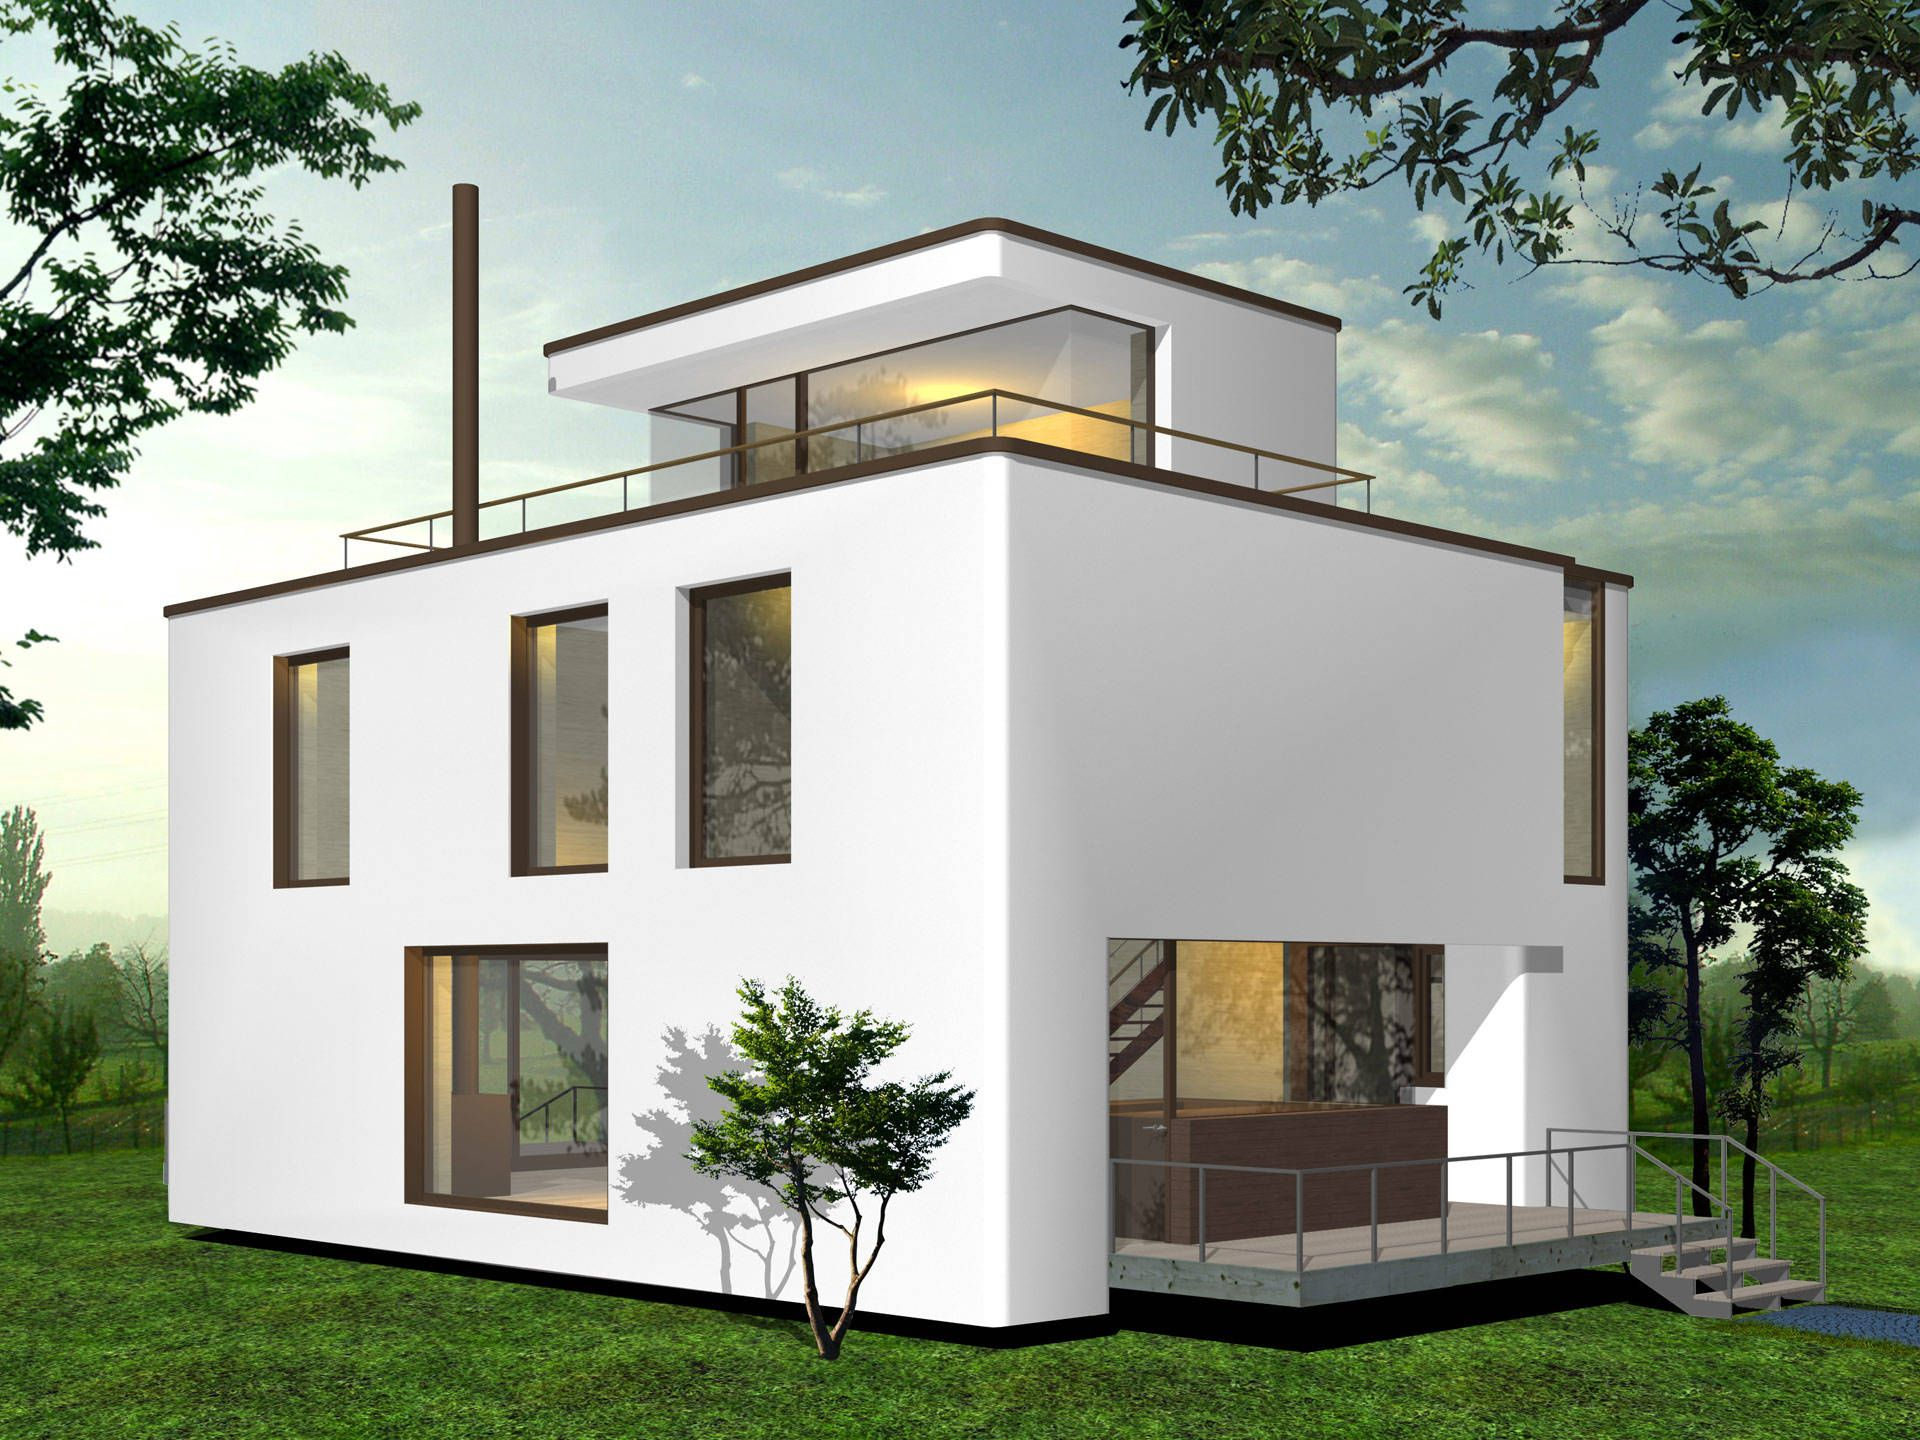 Stadtvilla • niedrigenergiehaus von palisadio • holzhaus mit flach oder satteldach • jetzt bei musterhaus